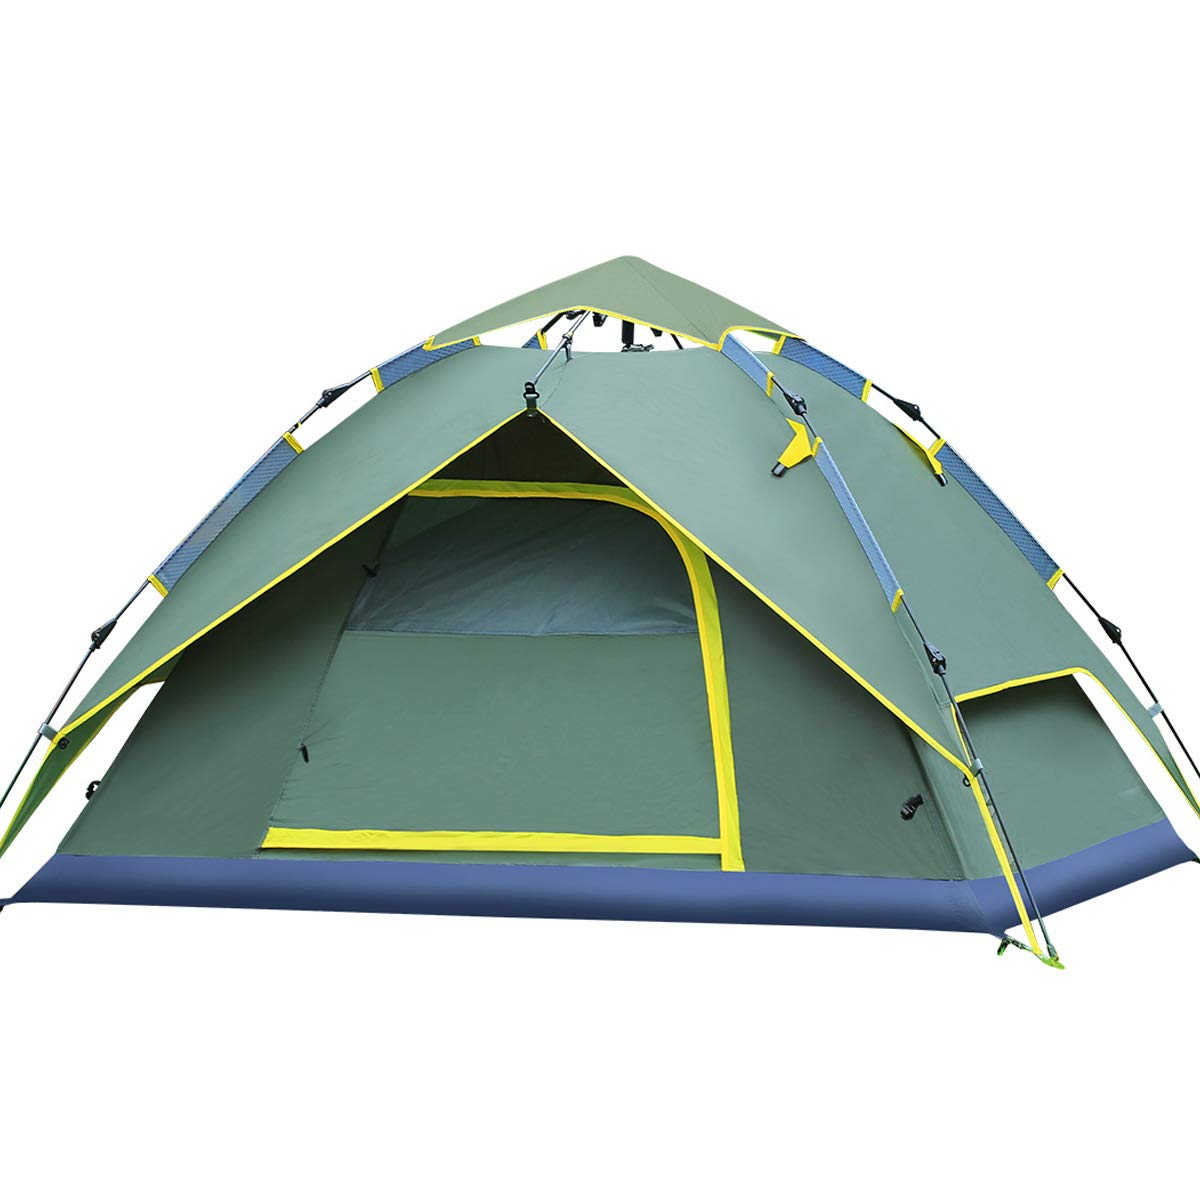 Hydraulische Kuppel Zelt Überdachung Für Camping Automatische Wasserdichte Hydraulische Zelte 3-4 Person Überdachung Einfach Zu Installieren Und Paket Grün Von Qisan